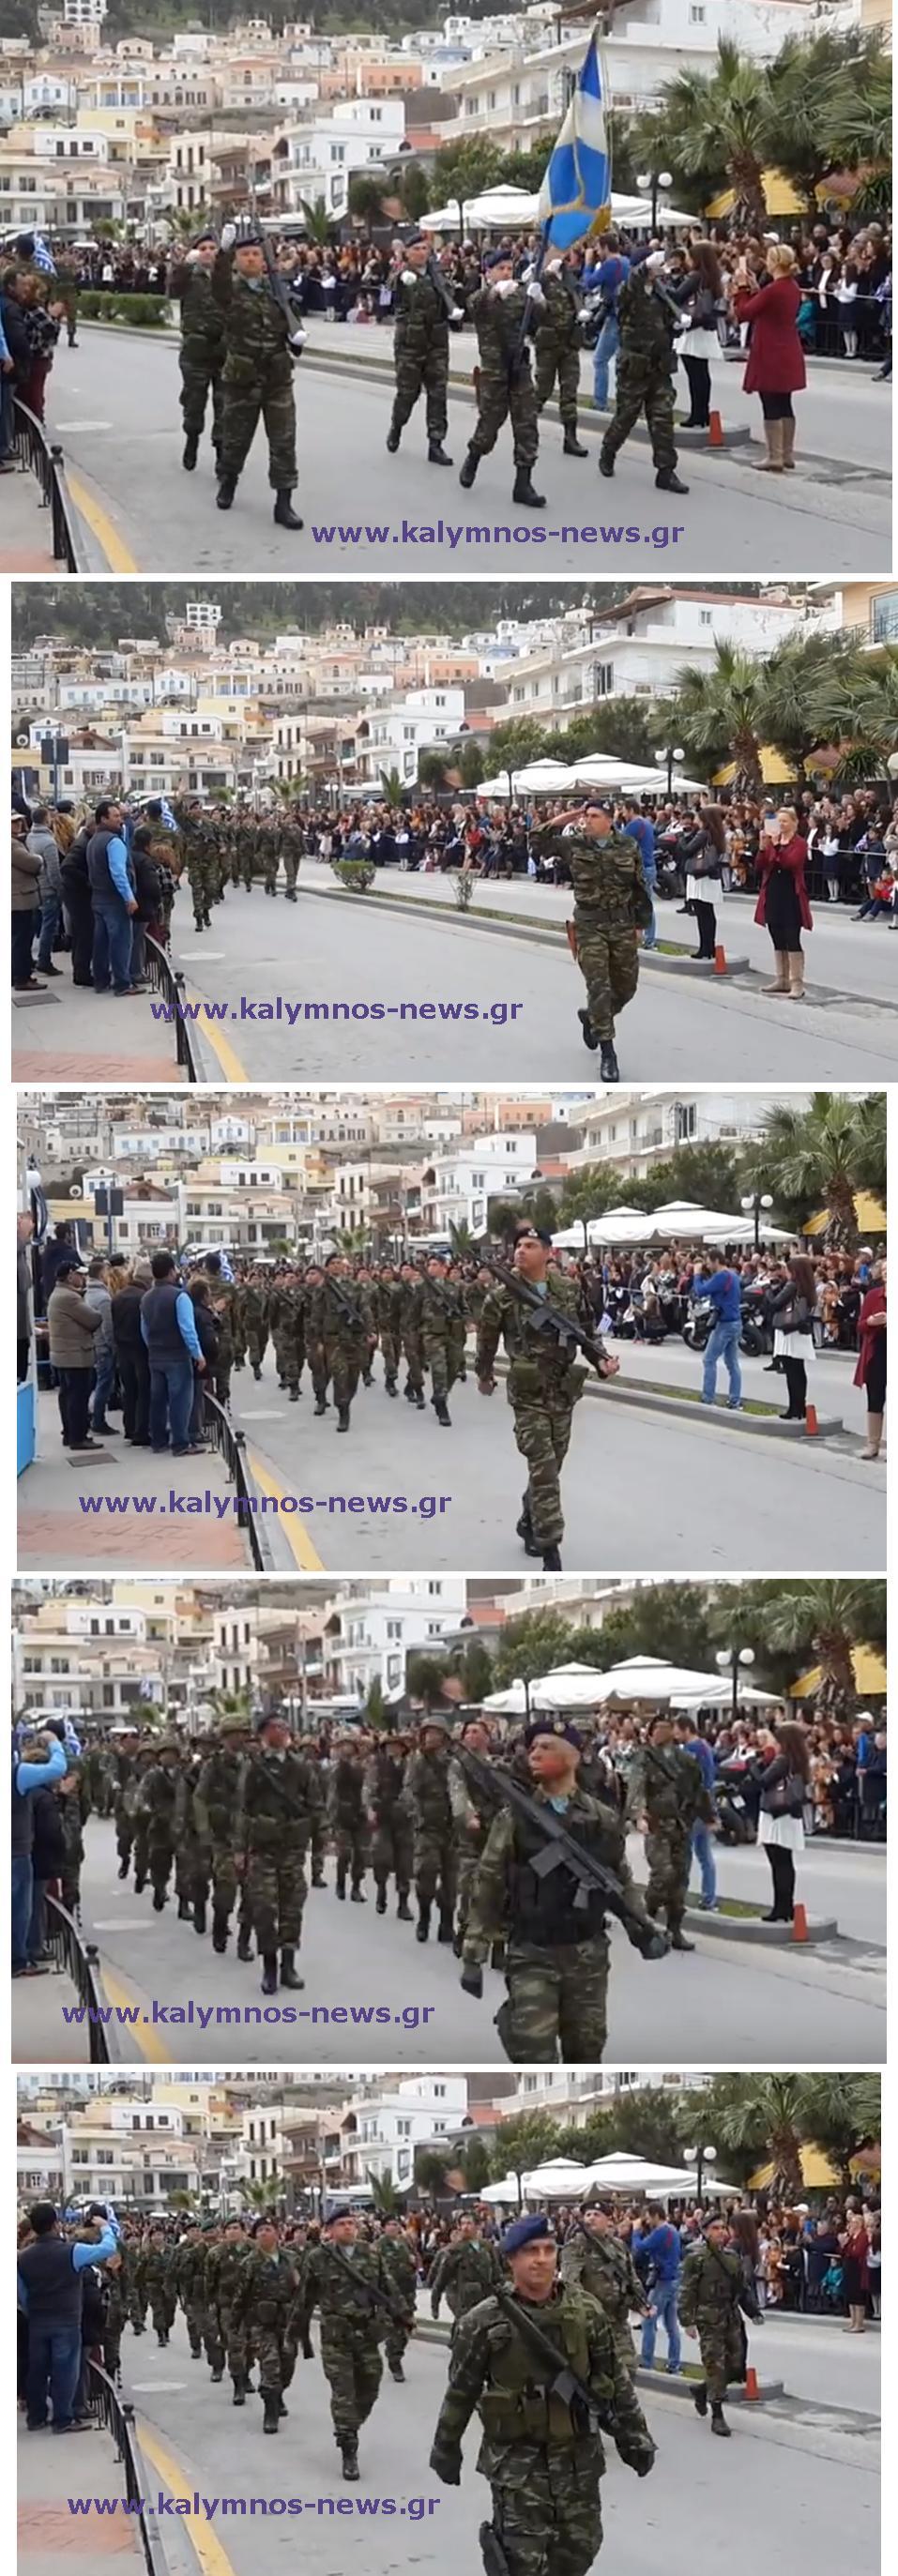 Στα όπλα οι Εθνοφύλακες – Γέμισε Στρατό η Κάλυμνος – Βίντεο και εικόνες - Εικόνα1